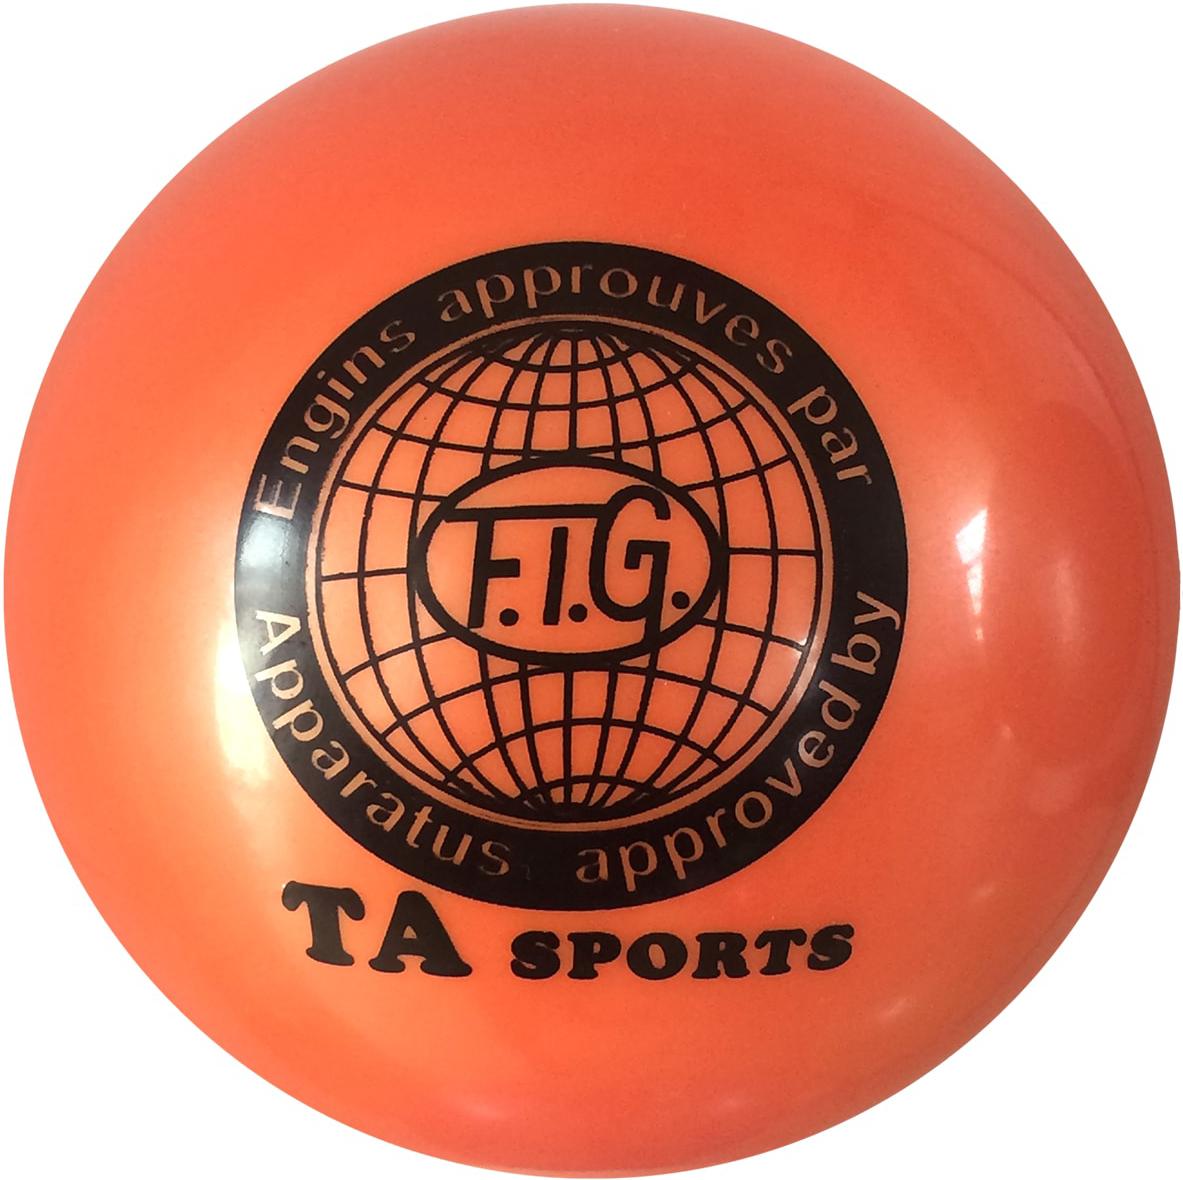 Мяч для художественной гимнастики TA-Sport RGB-101, цвет: оранжевый, диаметр 19 смУТ-00010334Практичный и надежный мяч для художественной гимнастики от TA-Sport выполнен из прочного ПВХ яркого цвета без блесток. Мяч диаметром 19 см предназначен для спортсменок-юниоров и взрослых гимнасток. Как правило, цвет мяча подбирается под образ и костюм гимнастки.Хранить мяч нужно в чехле, чтобы на нем не появились царапины. В зимнее время следует использовать утепленный чехол, чтобы мяч не сдувался от перепада температуры. Желательно избегать попадания прямых солнечных лучей.